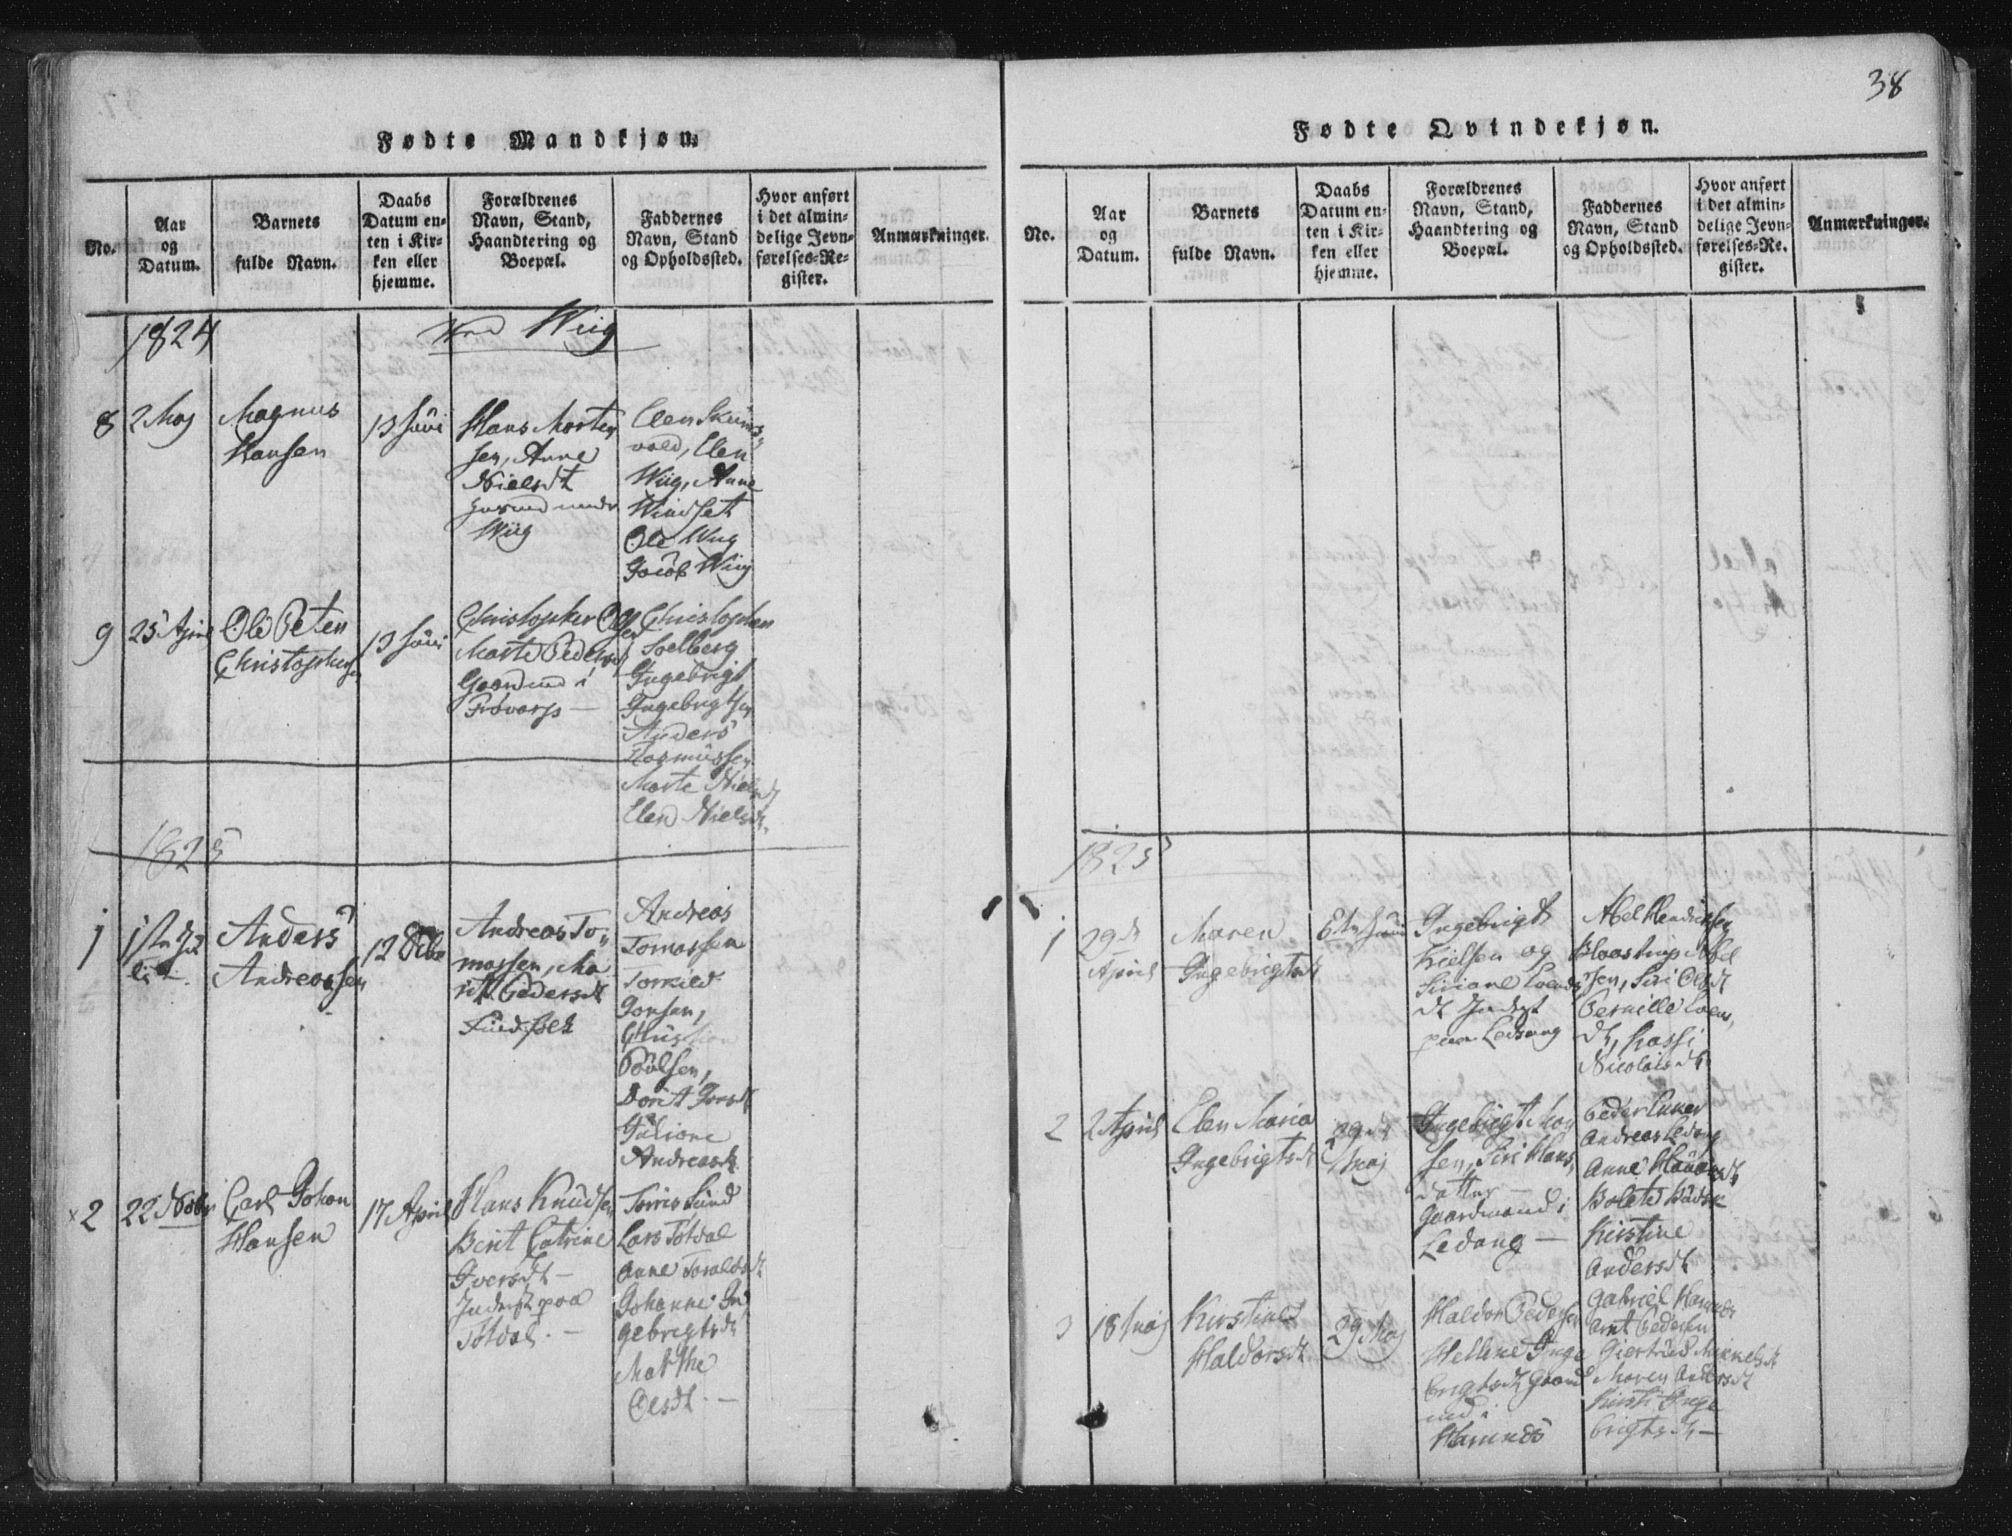 SAT, Ministerialprotokoller, klokkerbøker og fødselsregistre - Nord-Trøndelag, 773/L0609: Ministerialbok nr. 773A03 /2, 1815-1830, s. 38